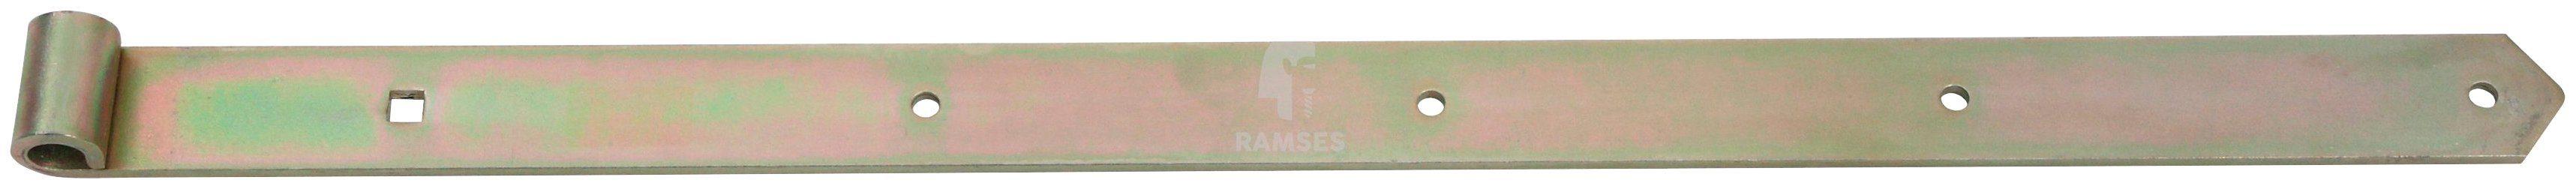 RAMSES Ladenband , schwer für Dorn Ø 16 mm Länge 1000 mm Stahl verzinkt